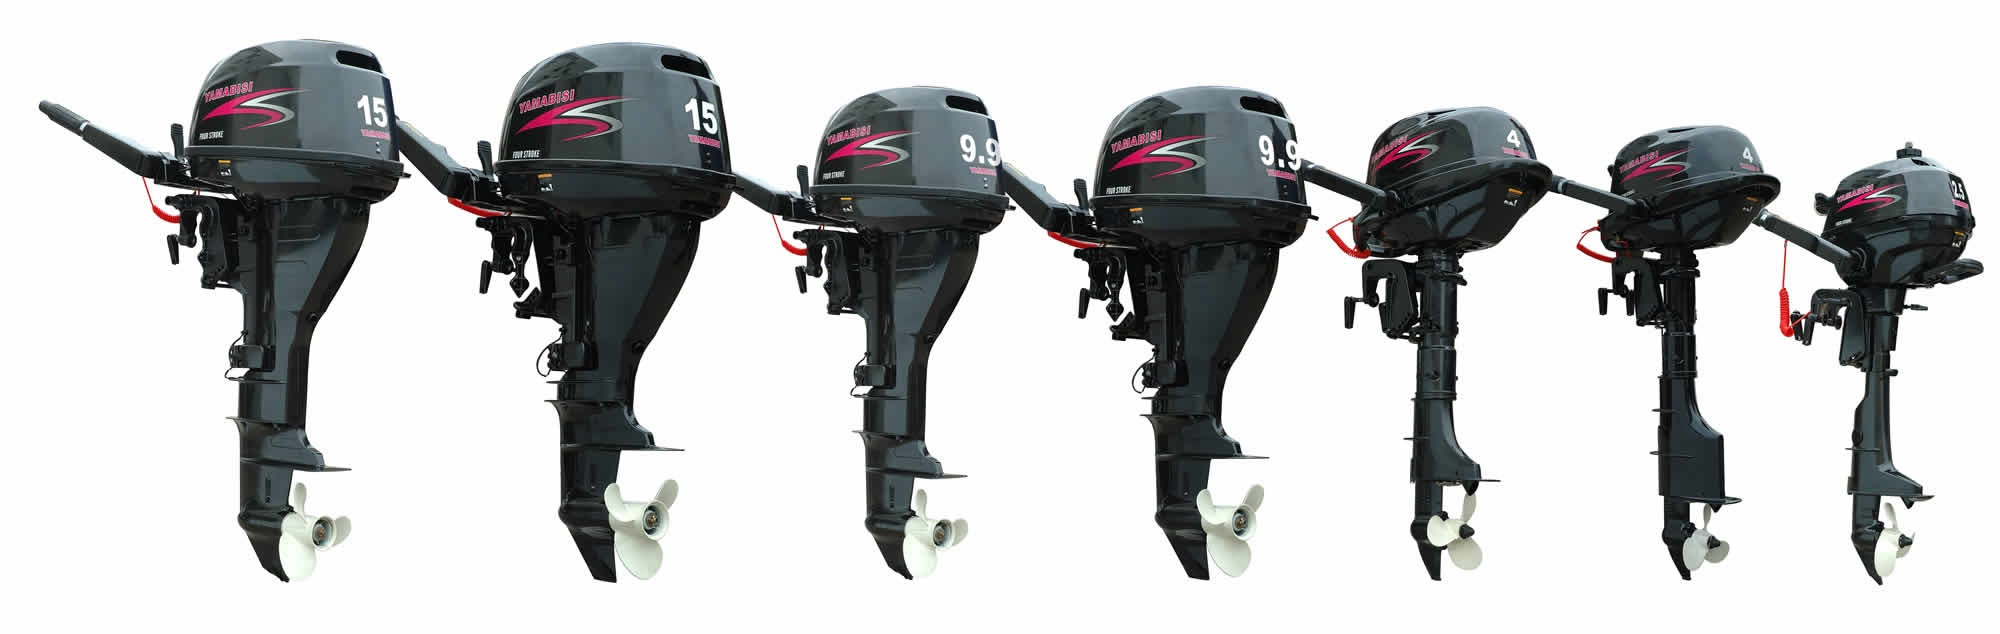 Подвесные лодочные моторы Yamabisi